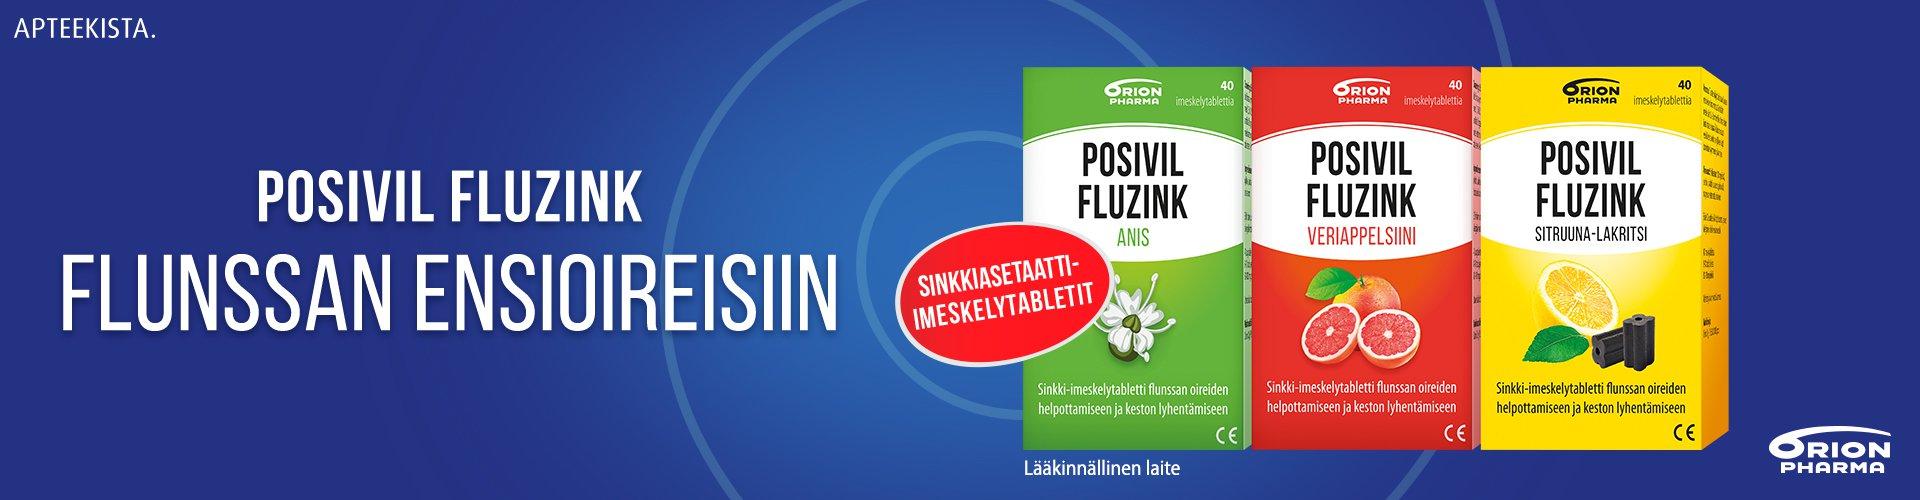 Posivil Zink flunssan ensioireisiin